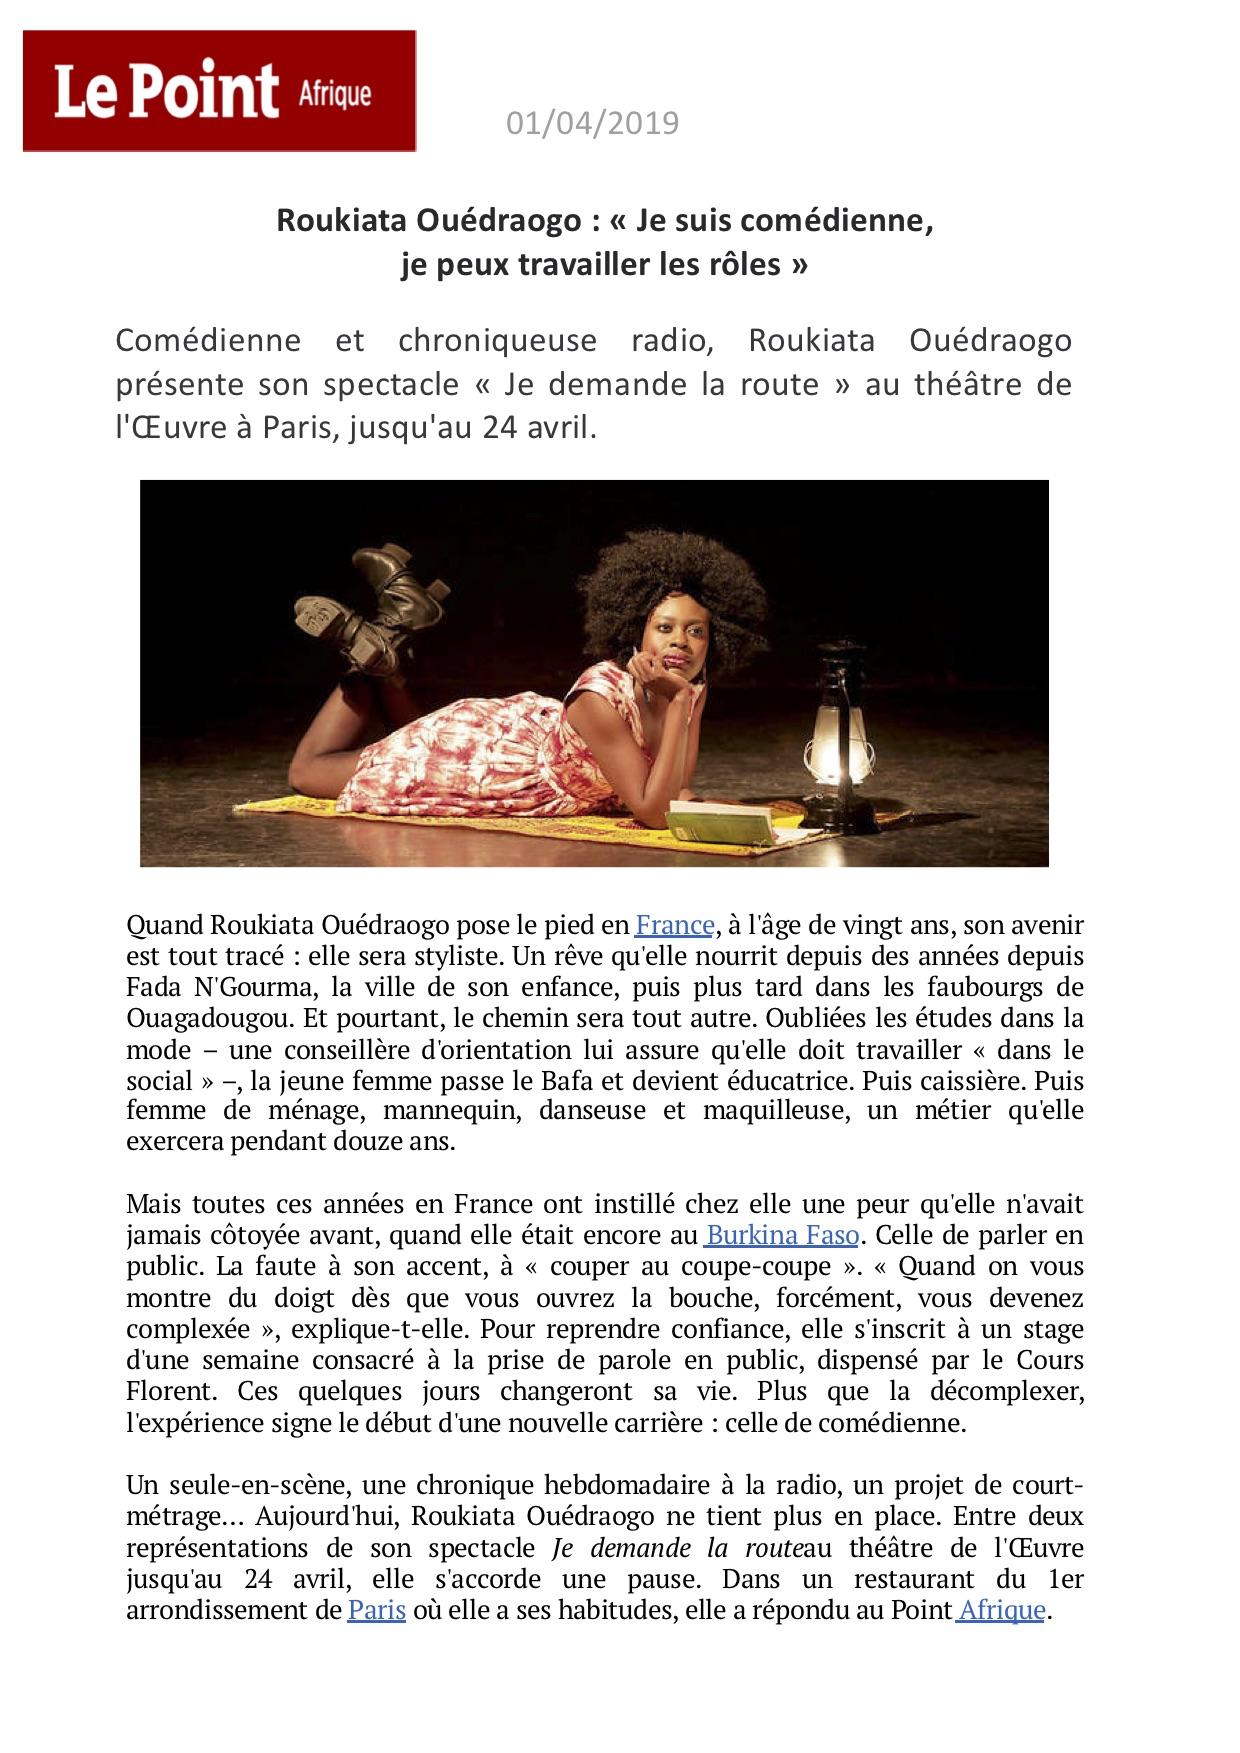 Le Point Afrique Itw p1 - 01.04.19